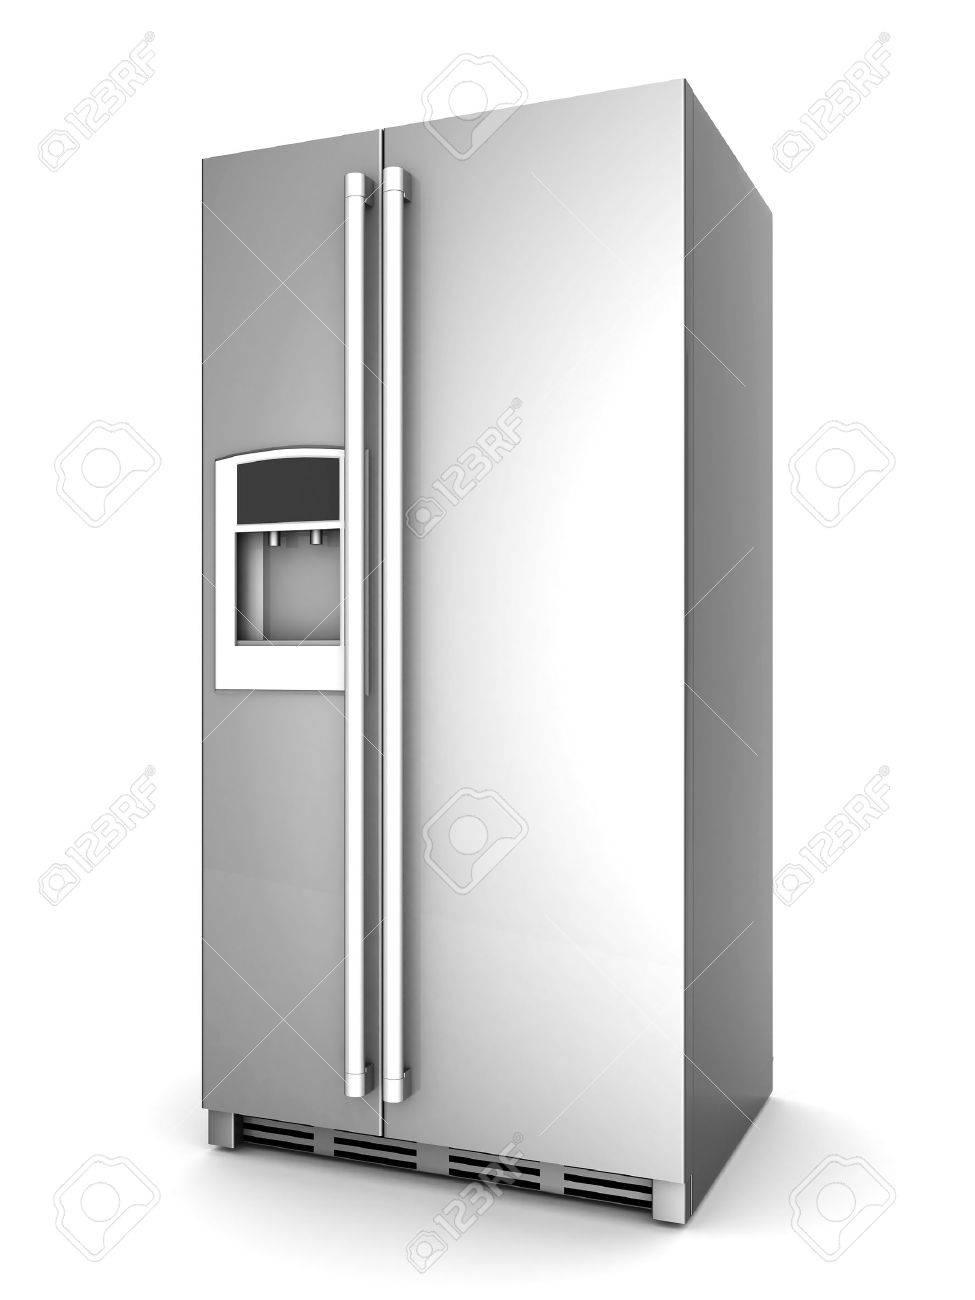 Stellen Sie Sich Einen Schönen Kühlschrank Auf Weißem Hintergrund ...